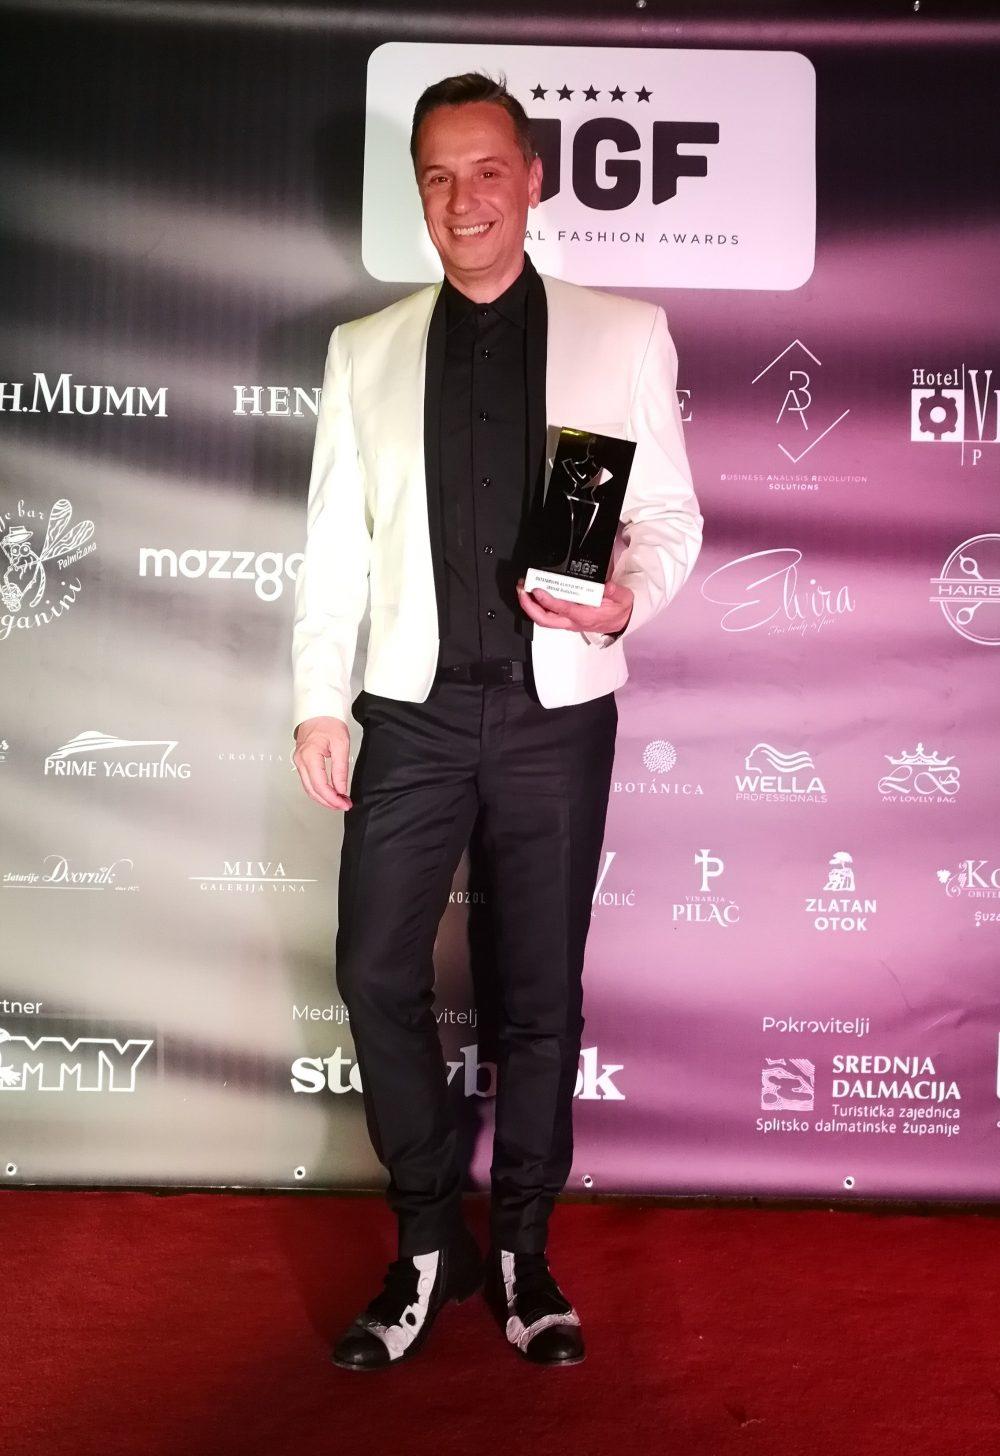 IMG 20190605 224434 e1560504667423 Nenad Radujević i Jelena Ivanović dobili važna hrvatska modna priznanja u Splitu!